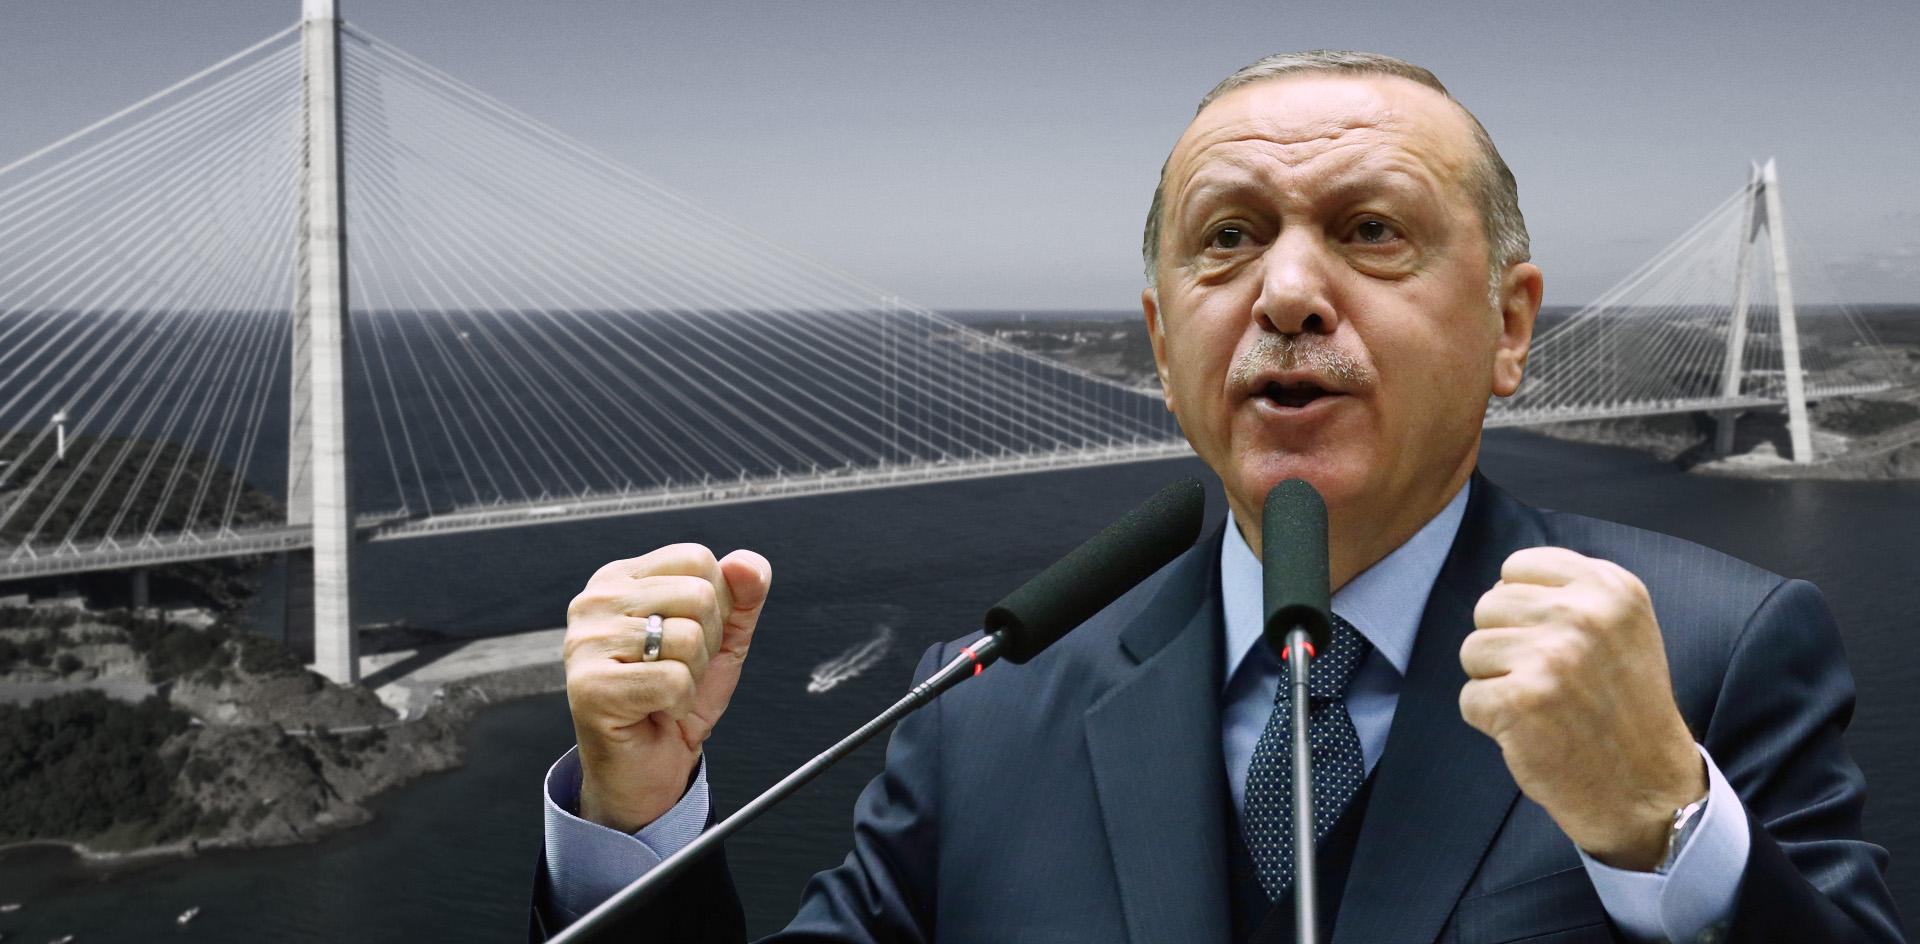 Эрдоган и его безумный проект канала «Стамбул»